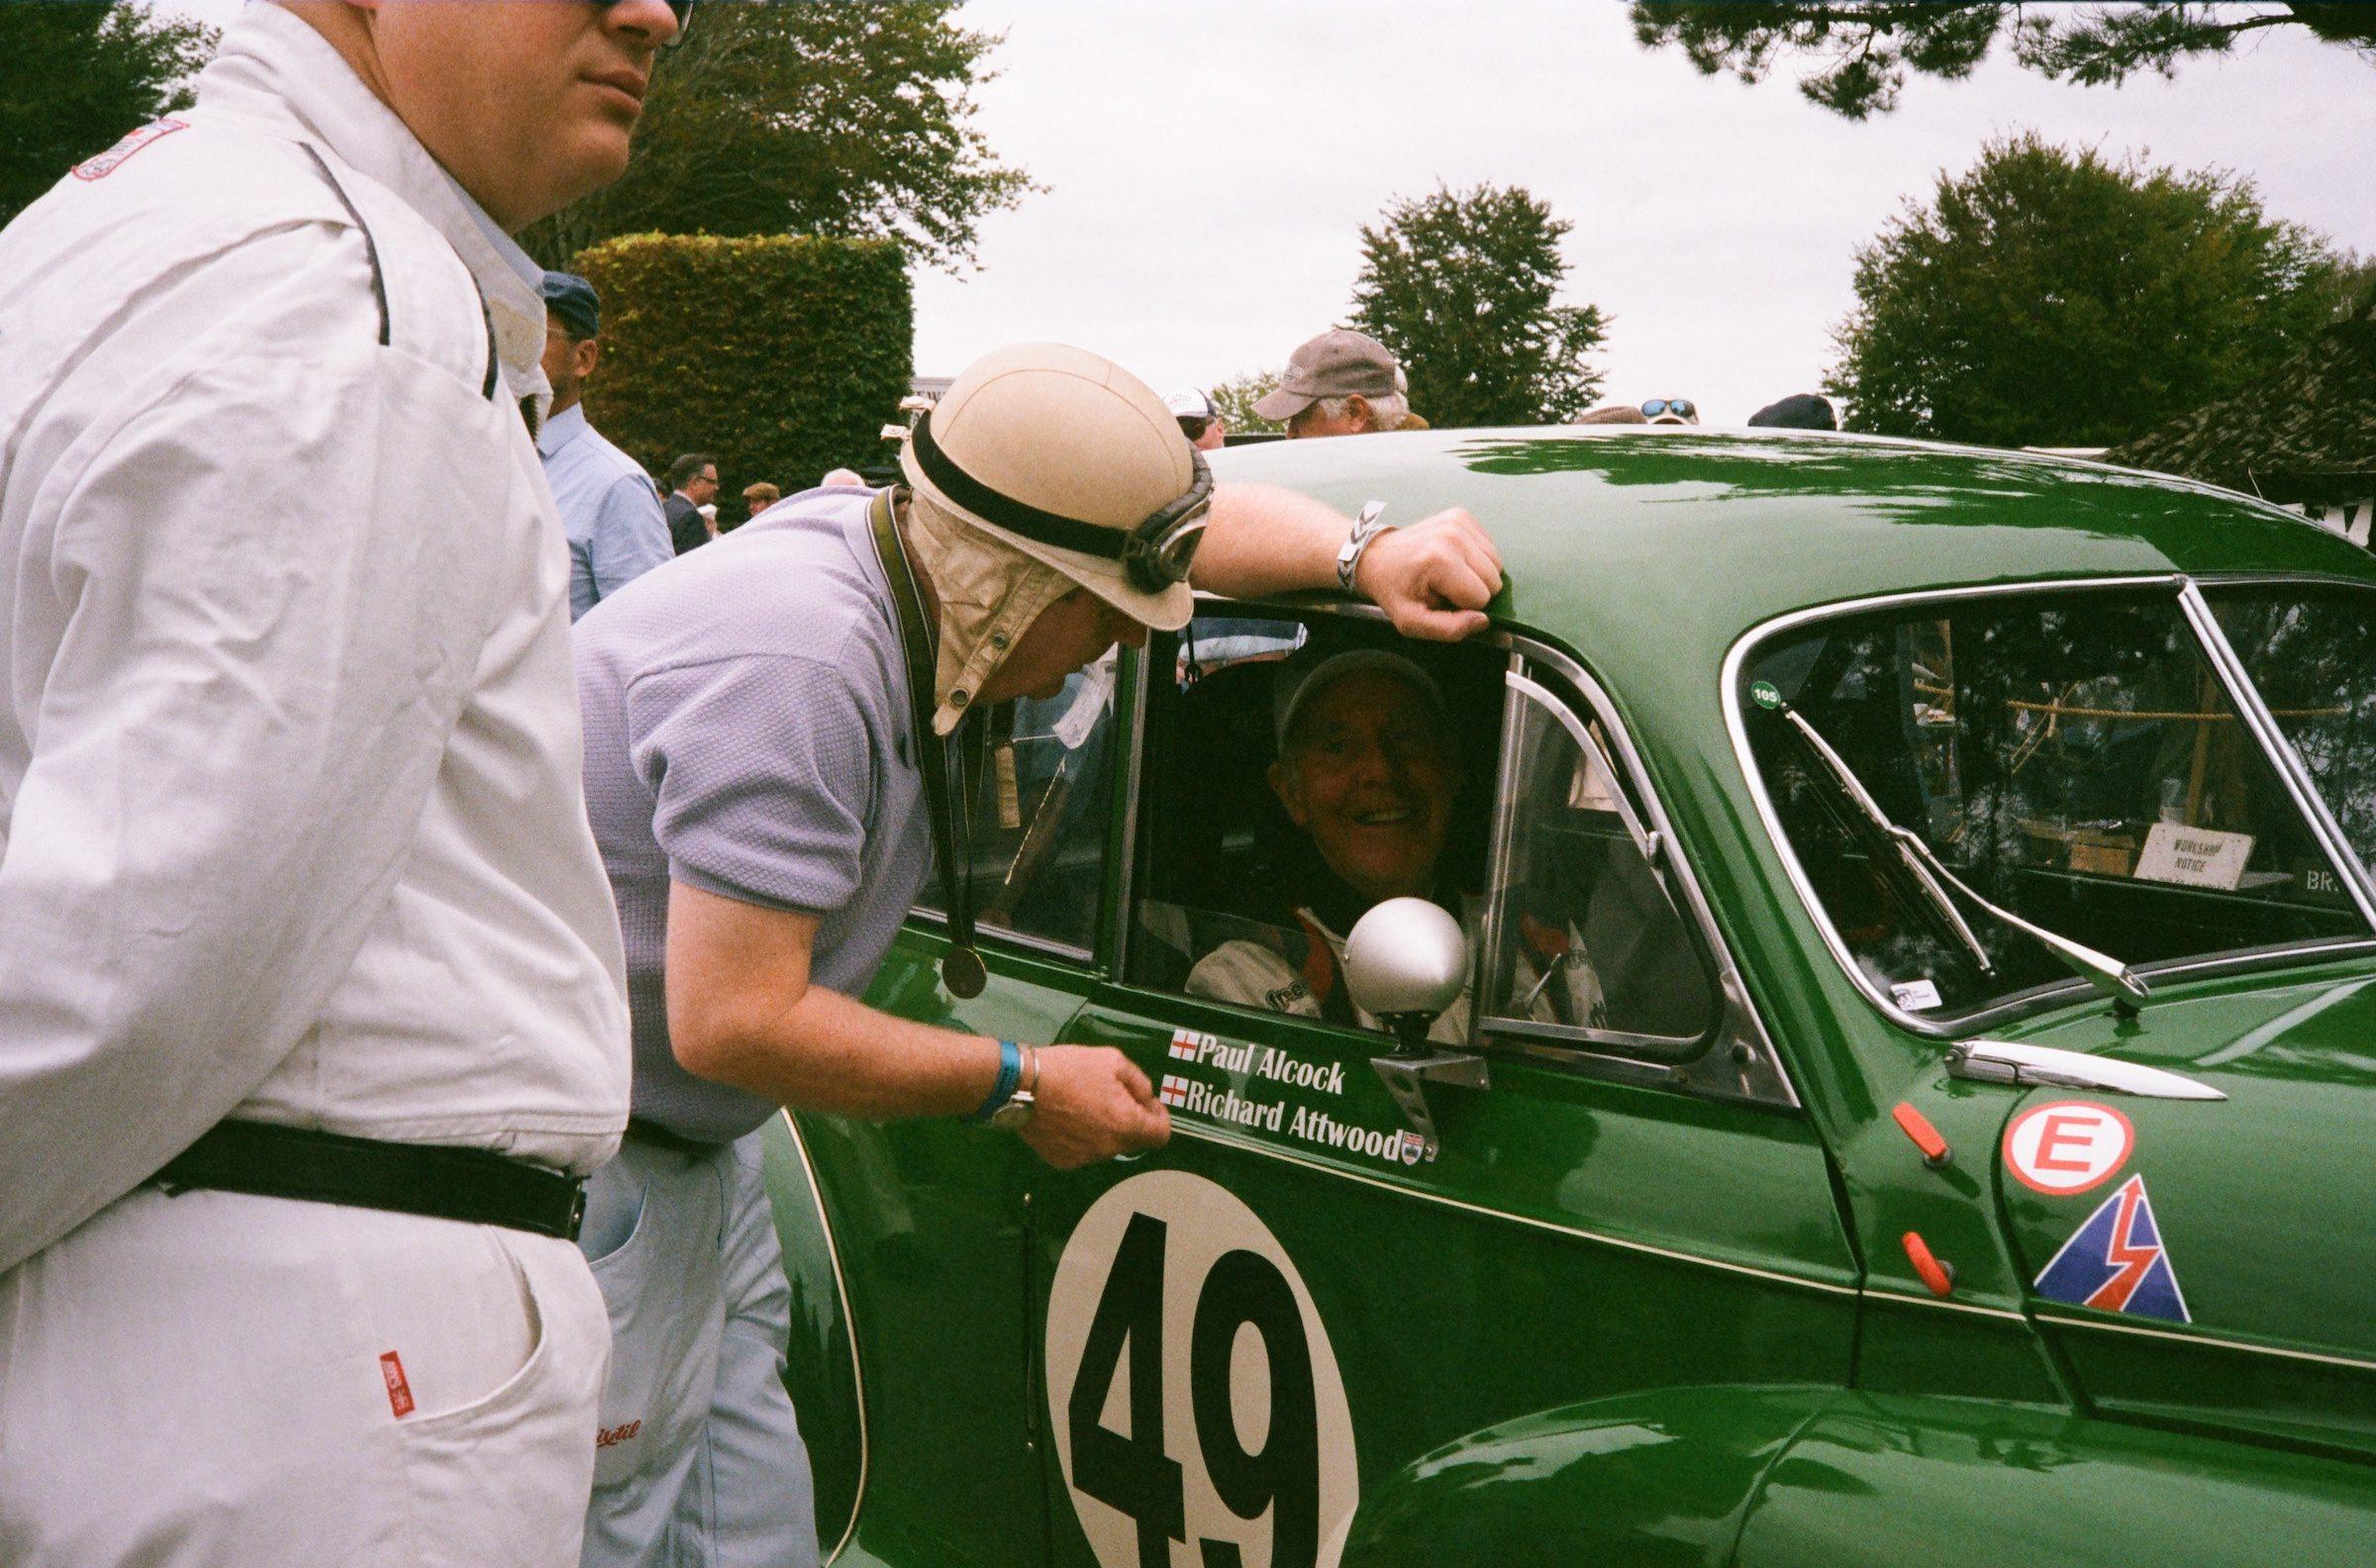 Goodwood Revival film vintage racing